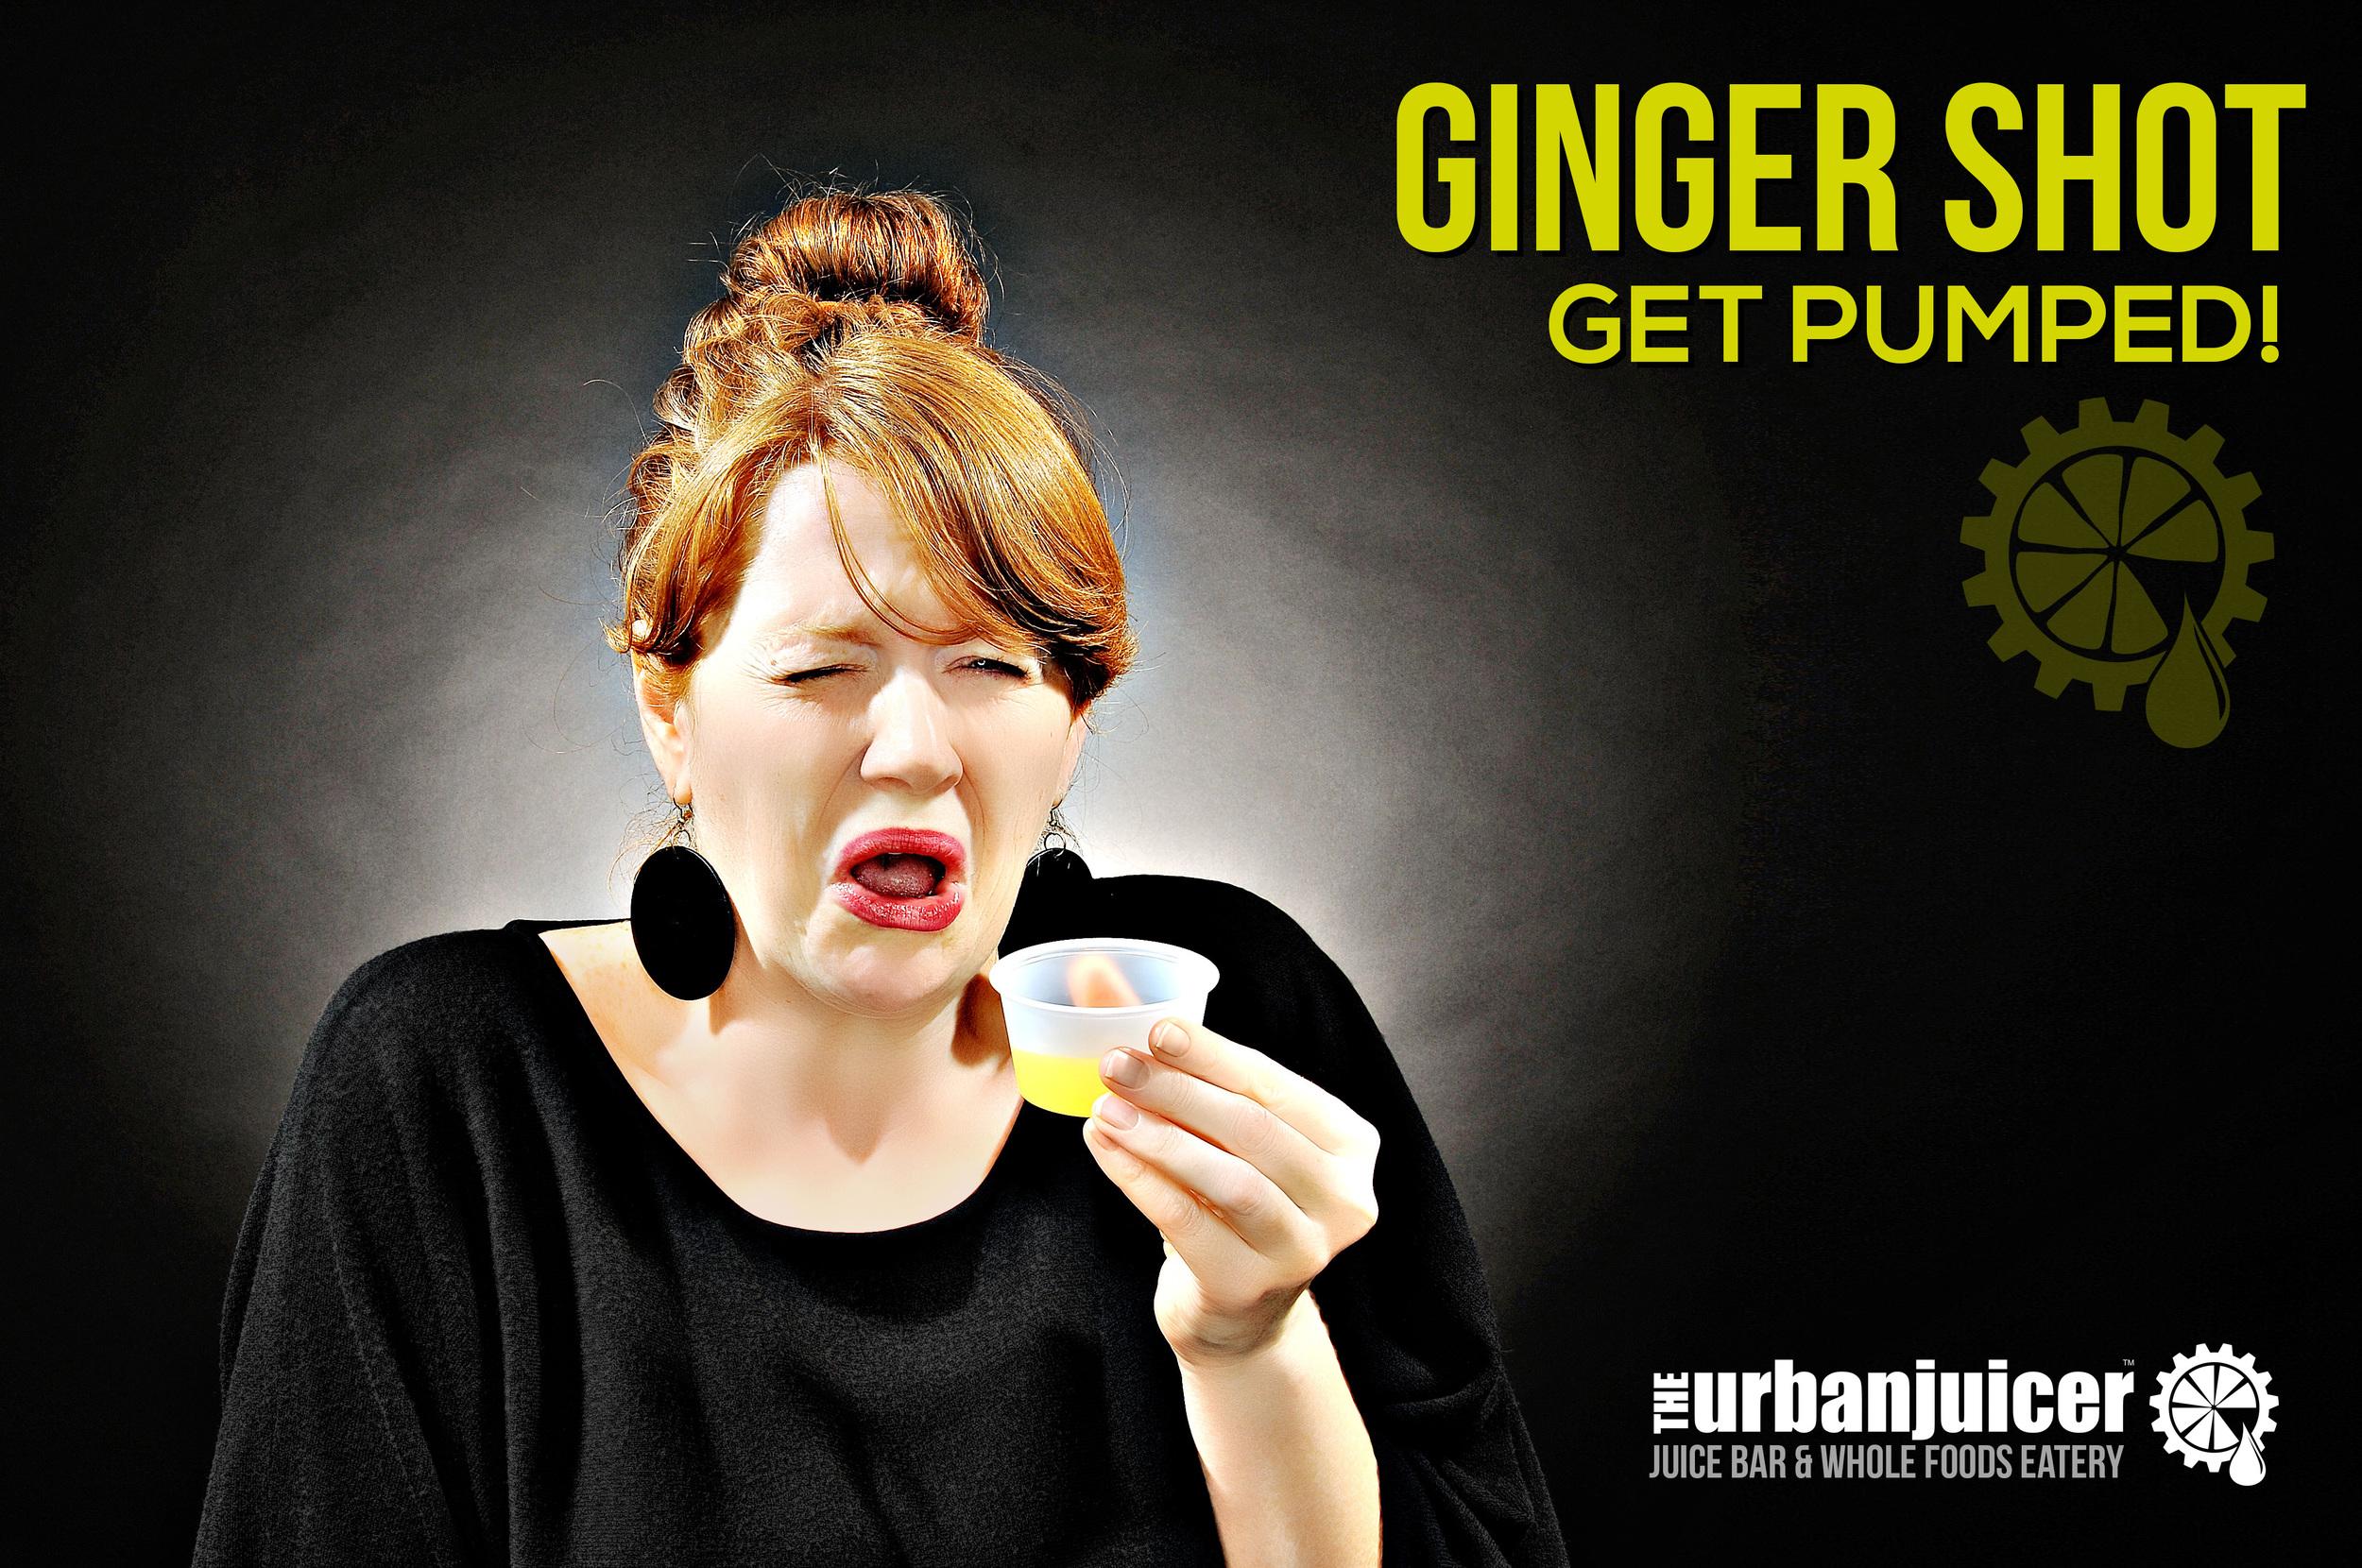 Nora-Ginger-Shot-Black-BG-Bonus-02.jpg